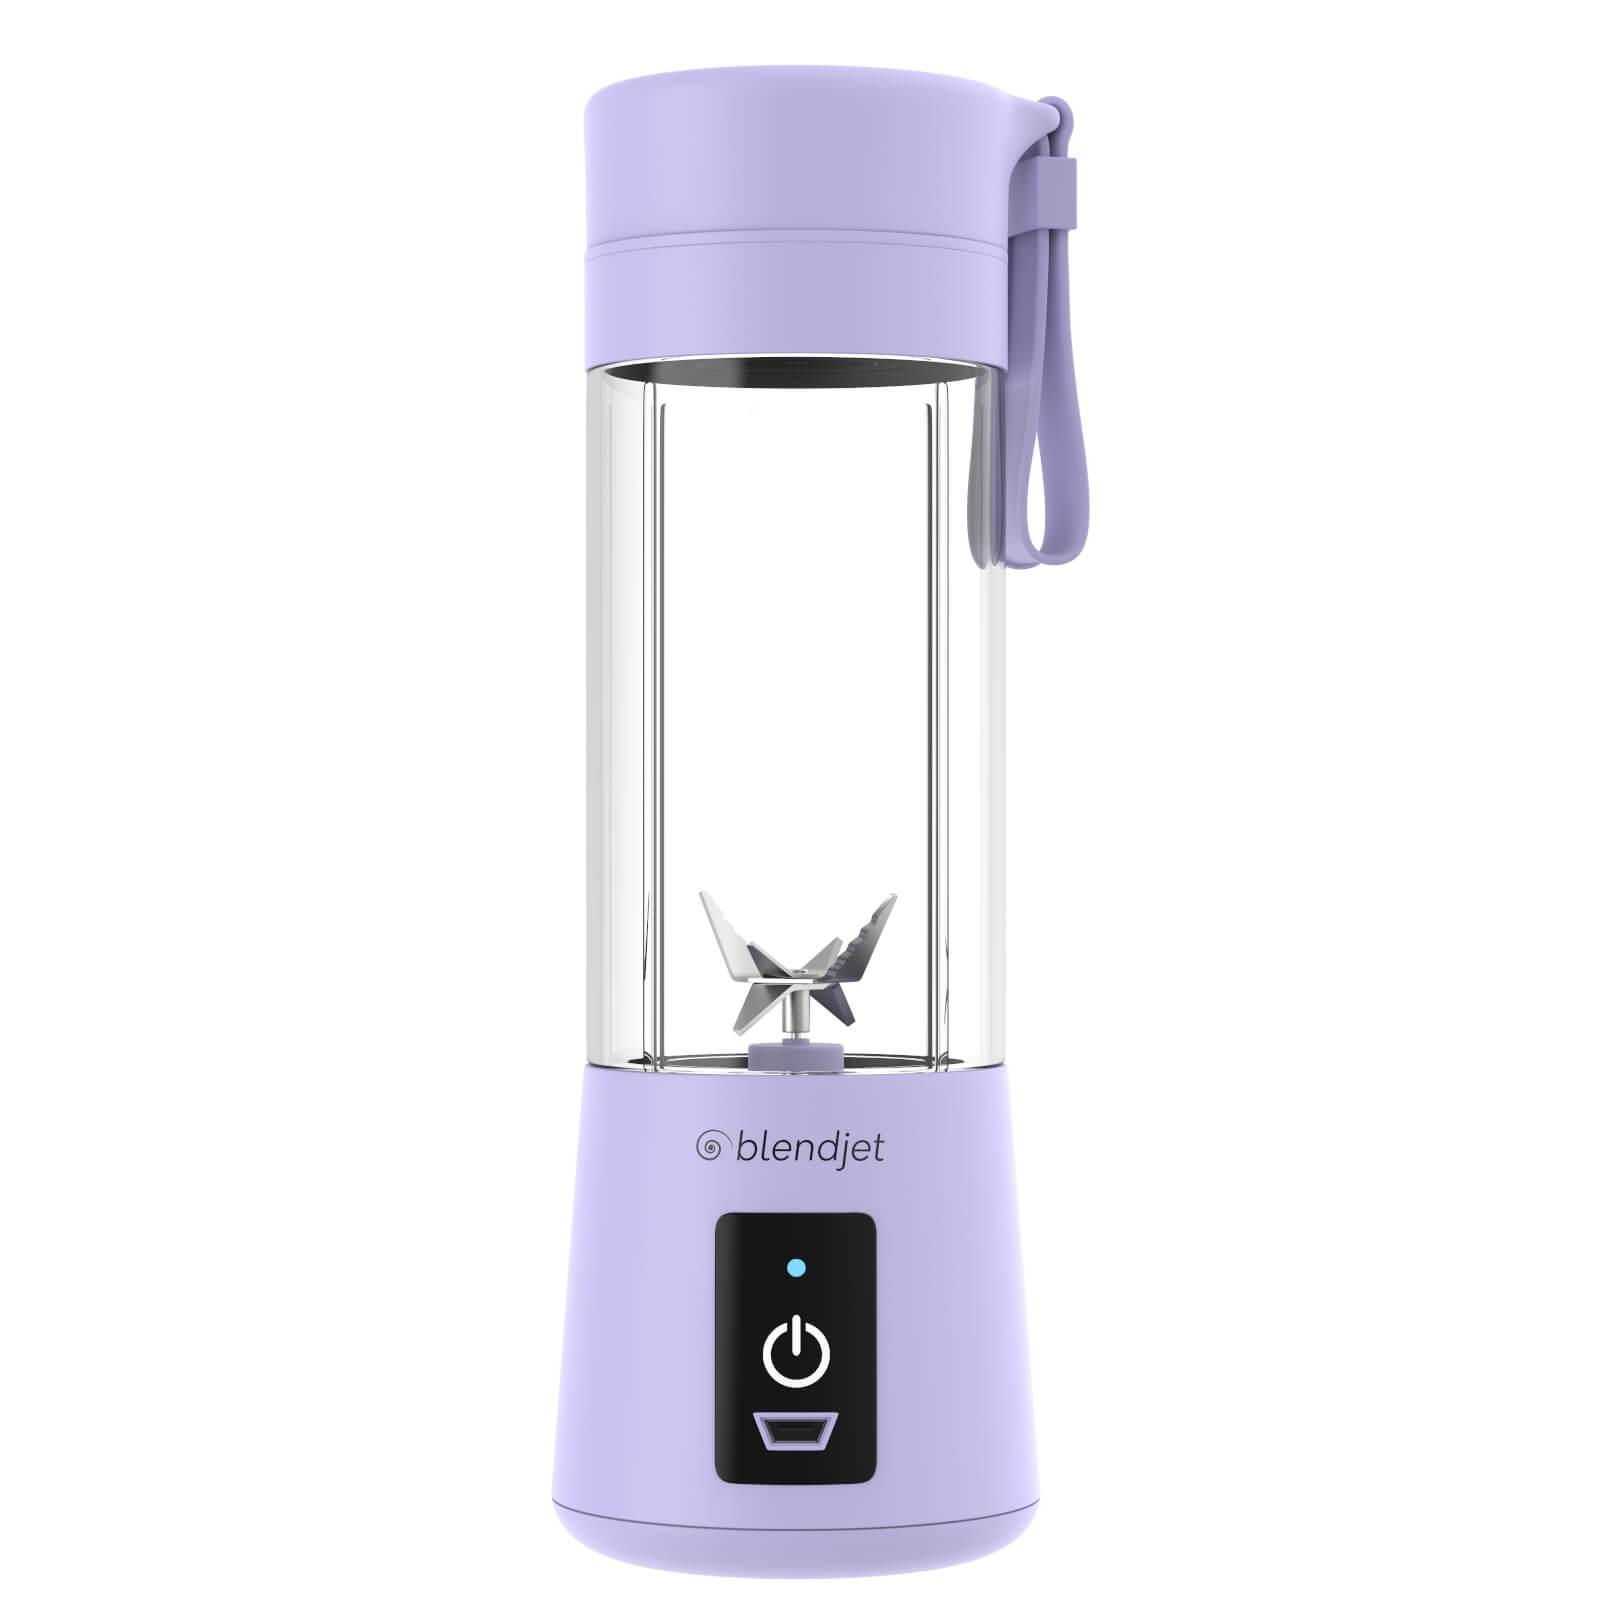 Image of BlendJet One The Original Portable Blender - Lavender